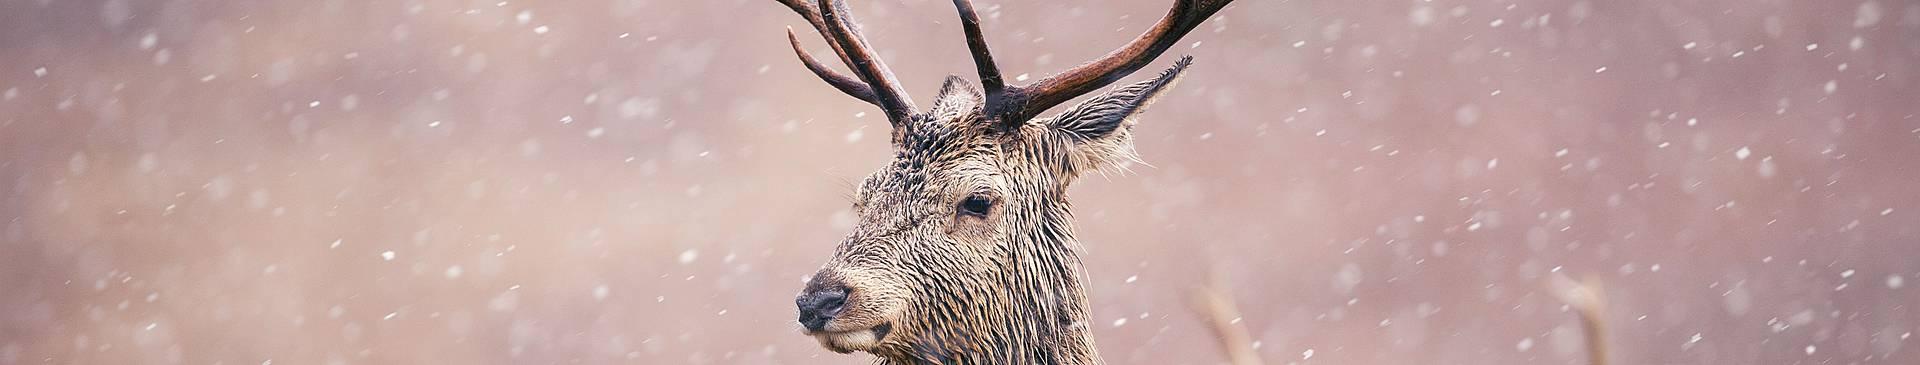 Viaggi in Scozia in inverno